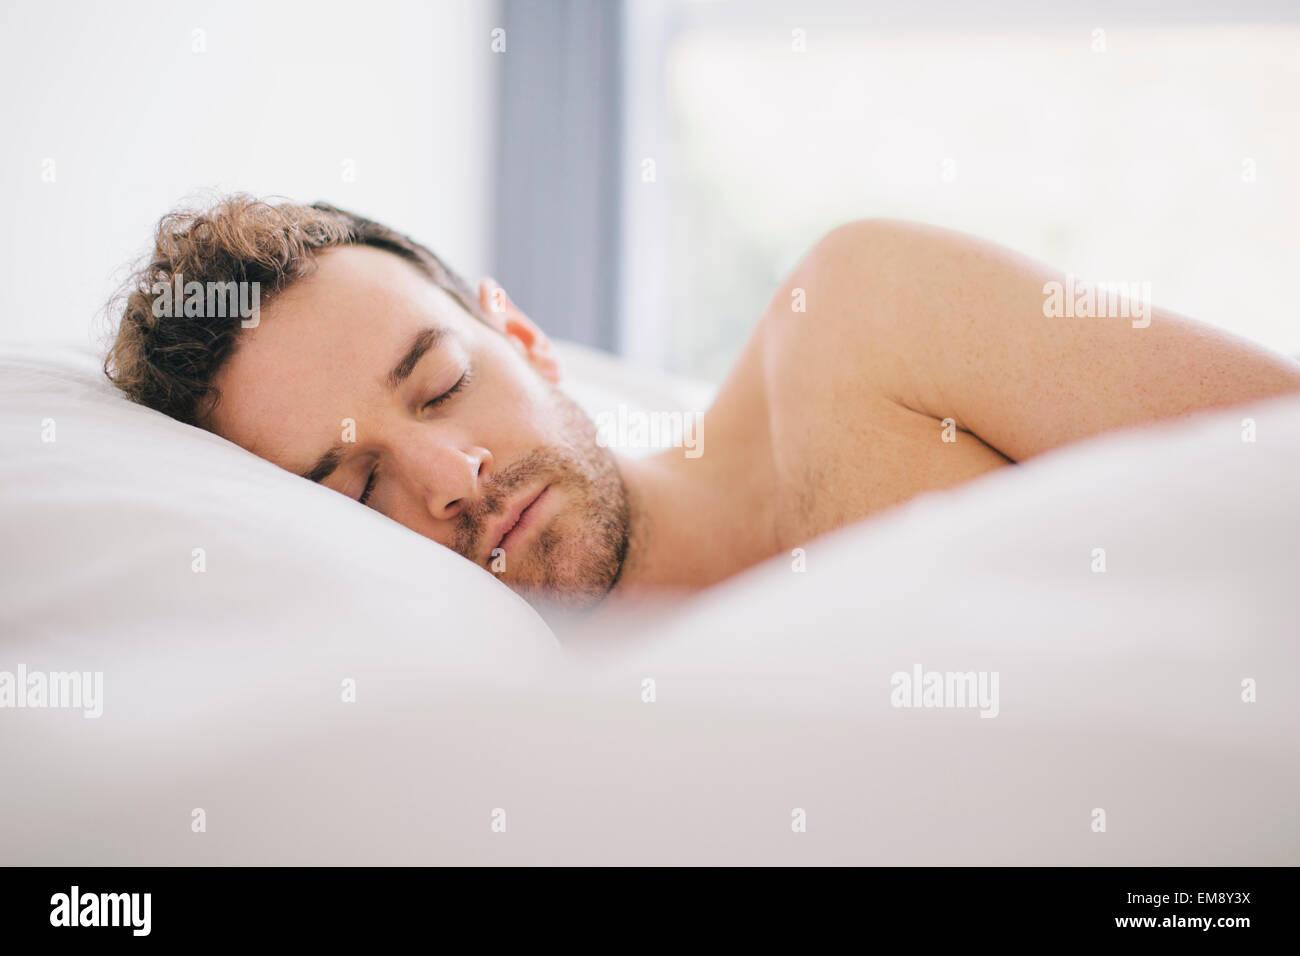 Joven acostado en el lado dormido en la cama Imagen De Stock